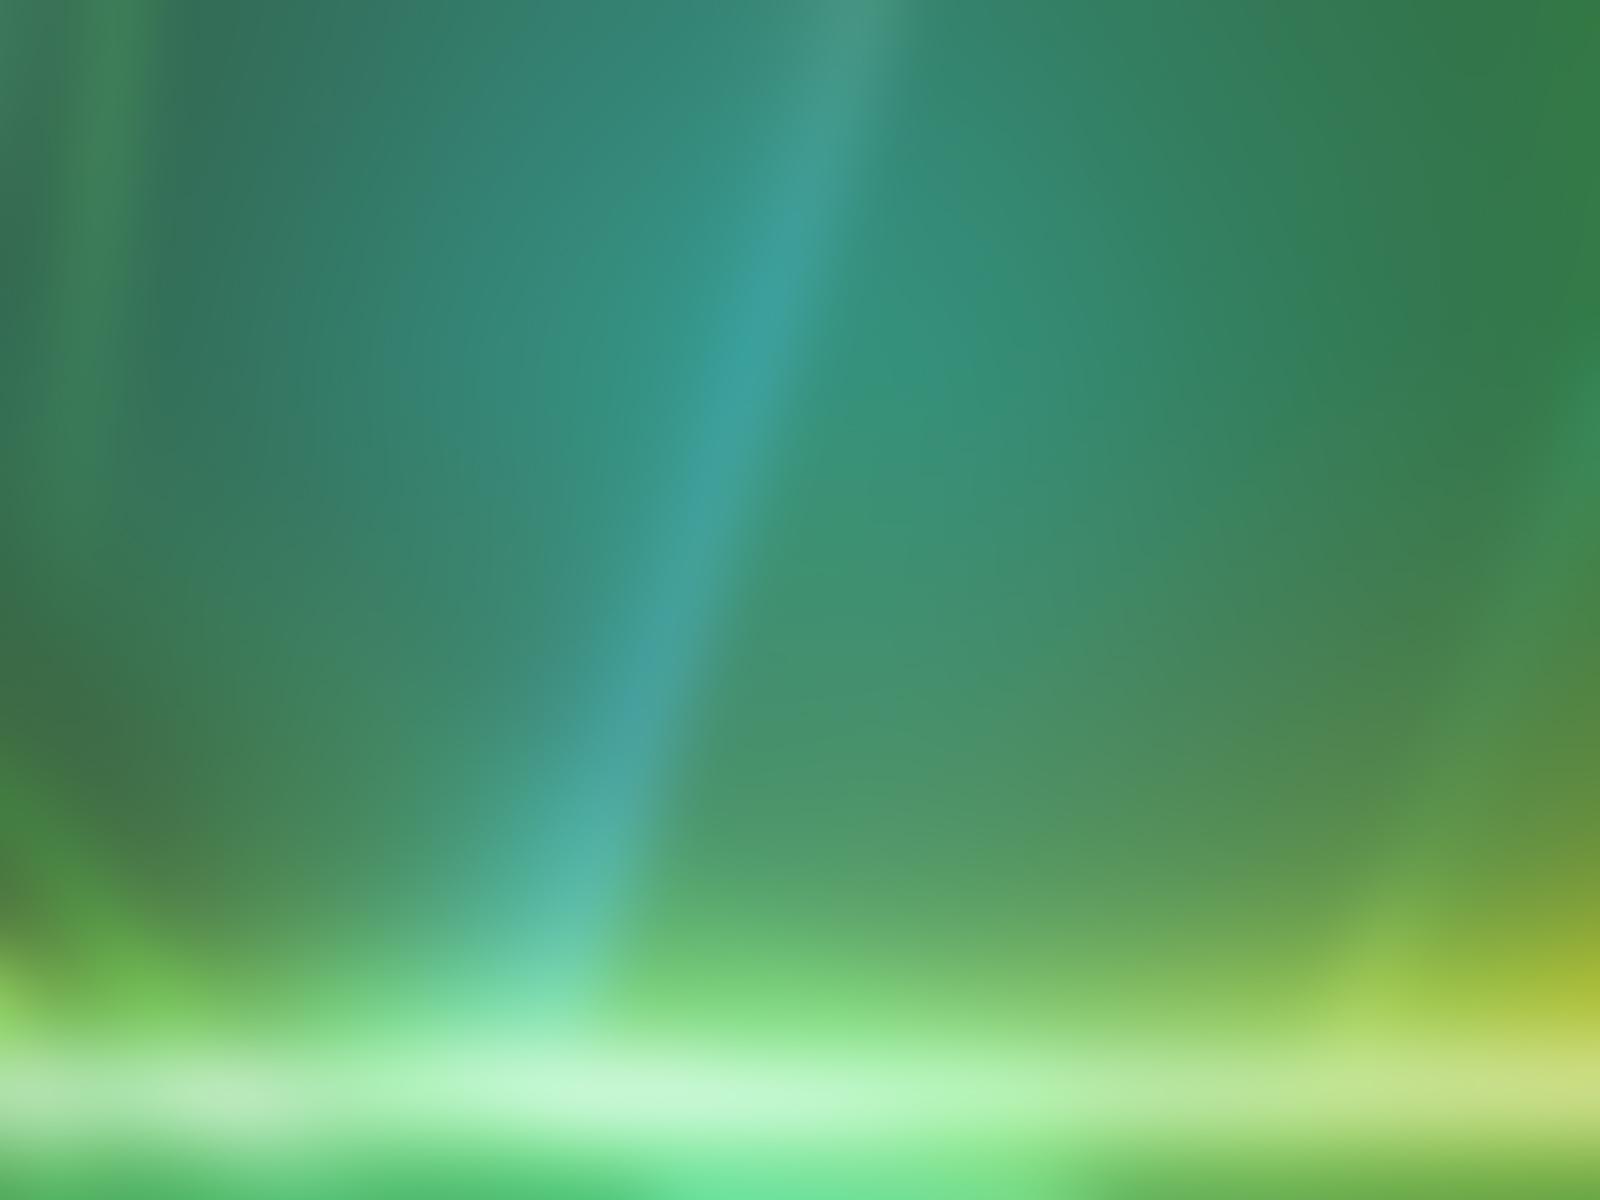 groene achtergronden hd wallpapers